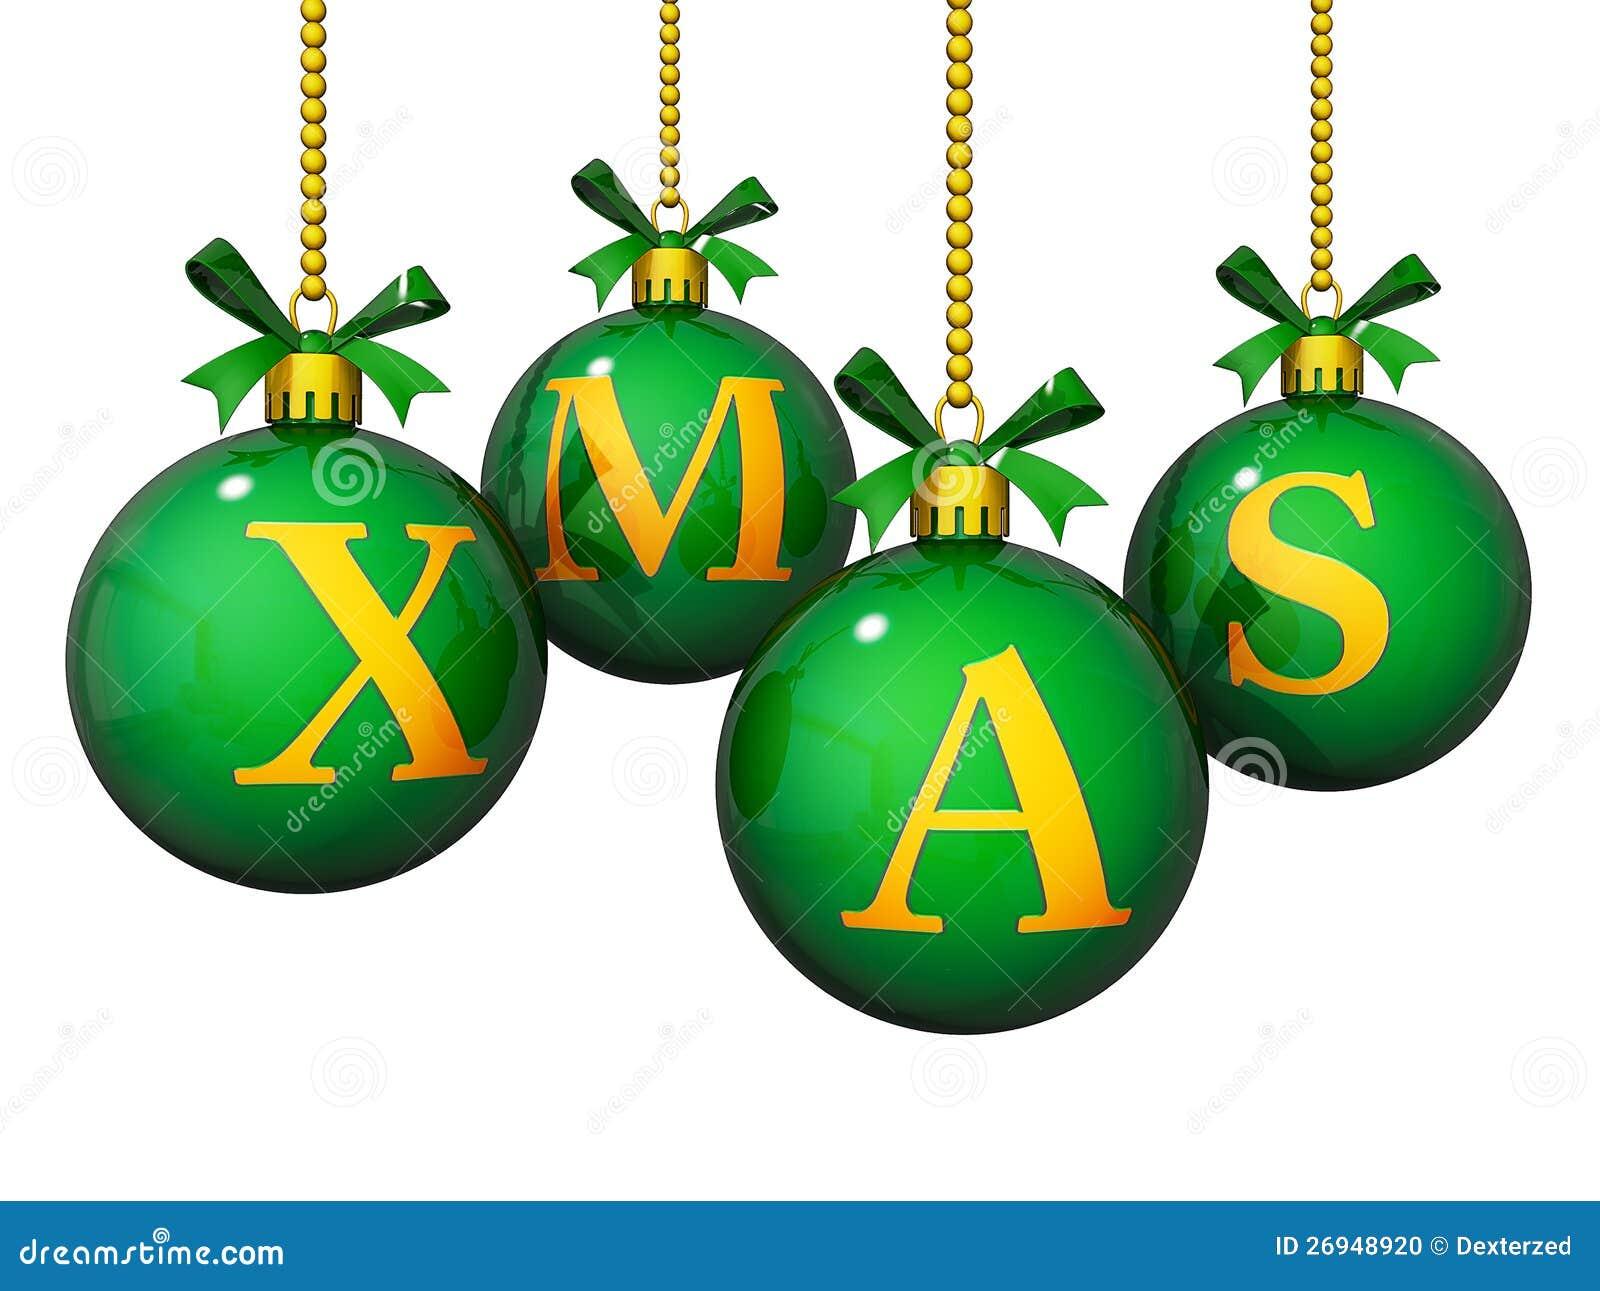 Ornamentos de navidad foto de archivo imagen 26948920 - Ornamentos de navidad ...